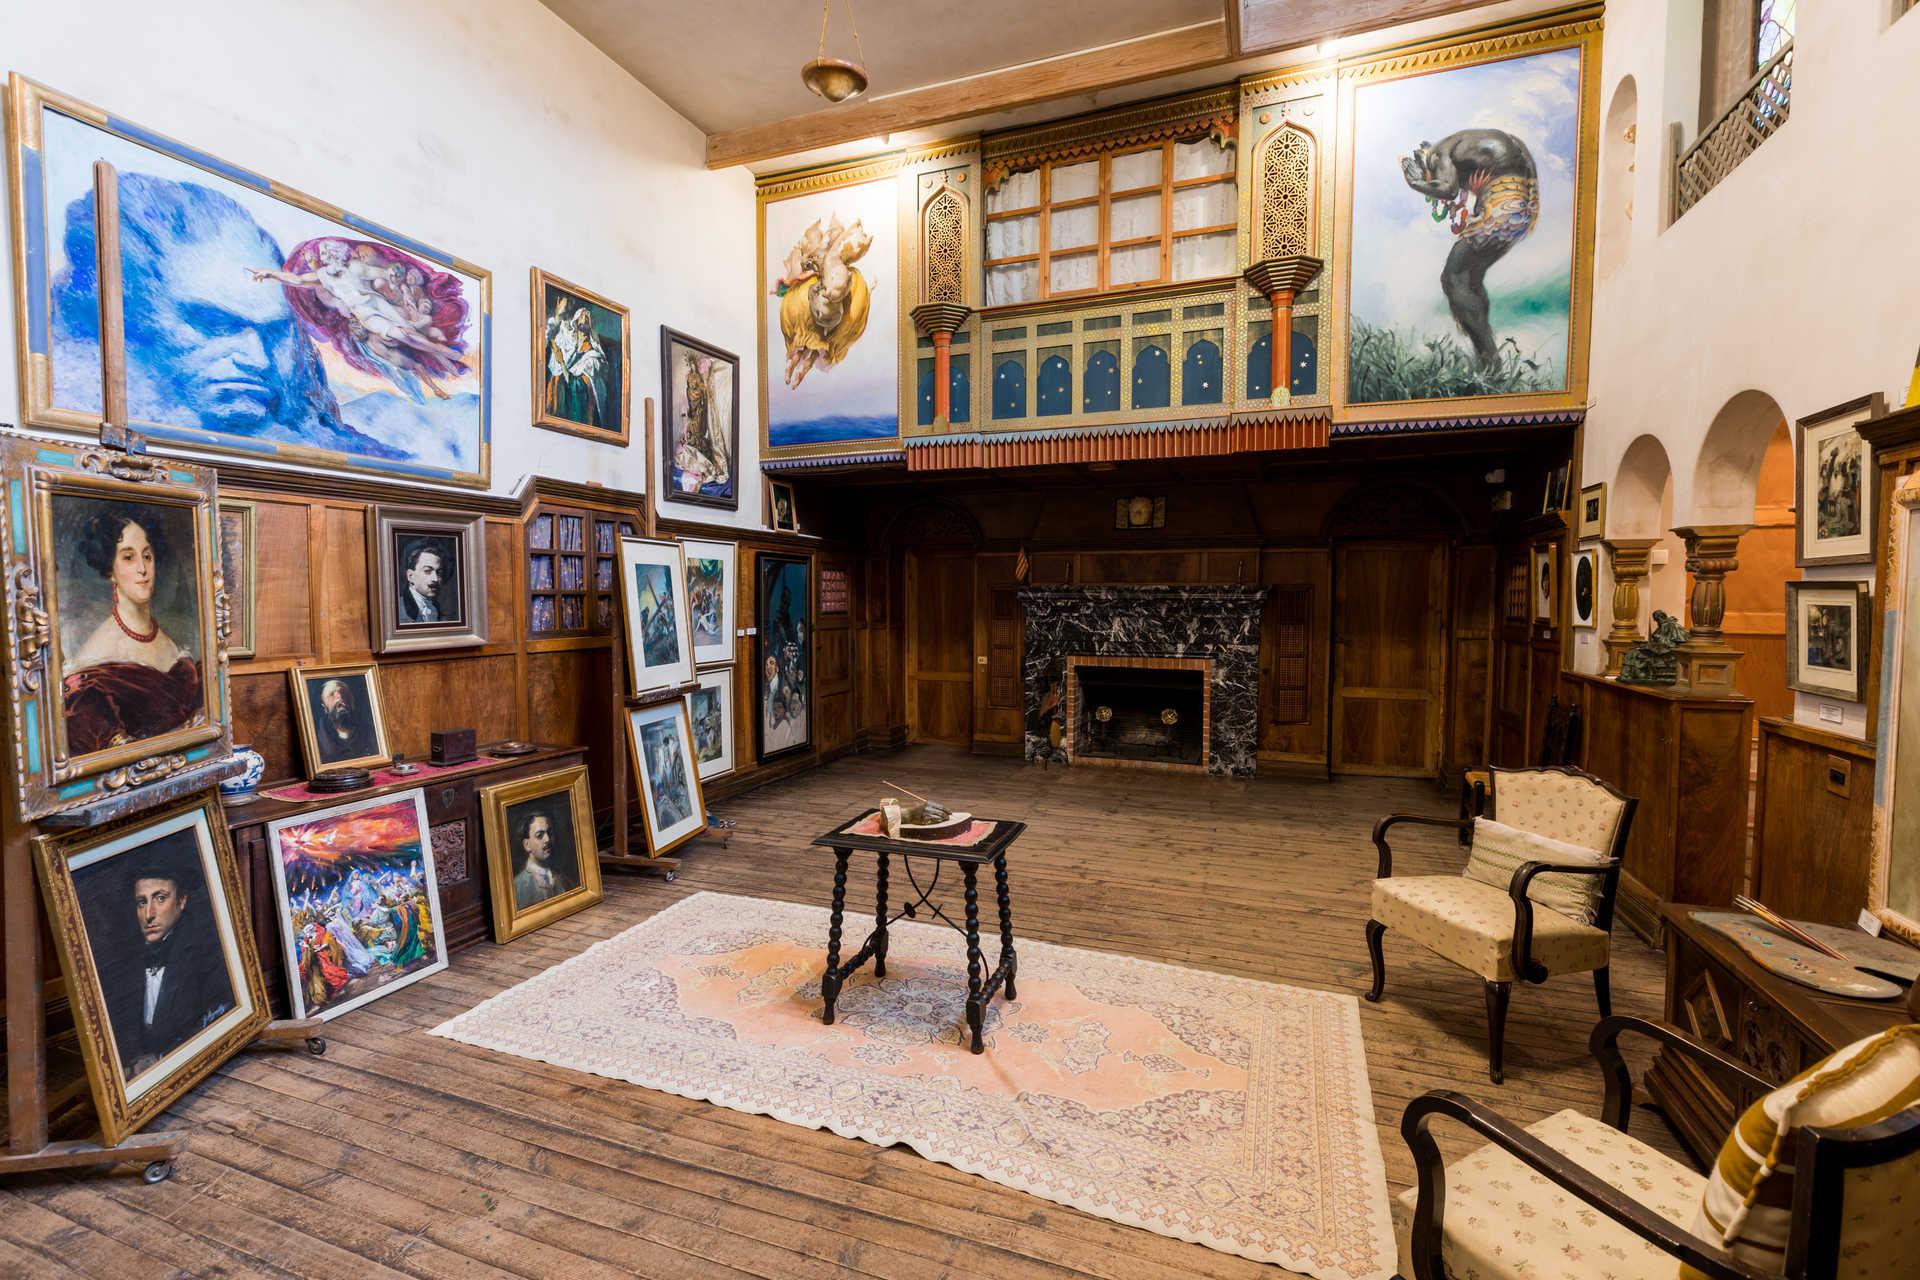 Musée José Segrelles